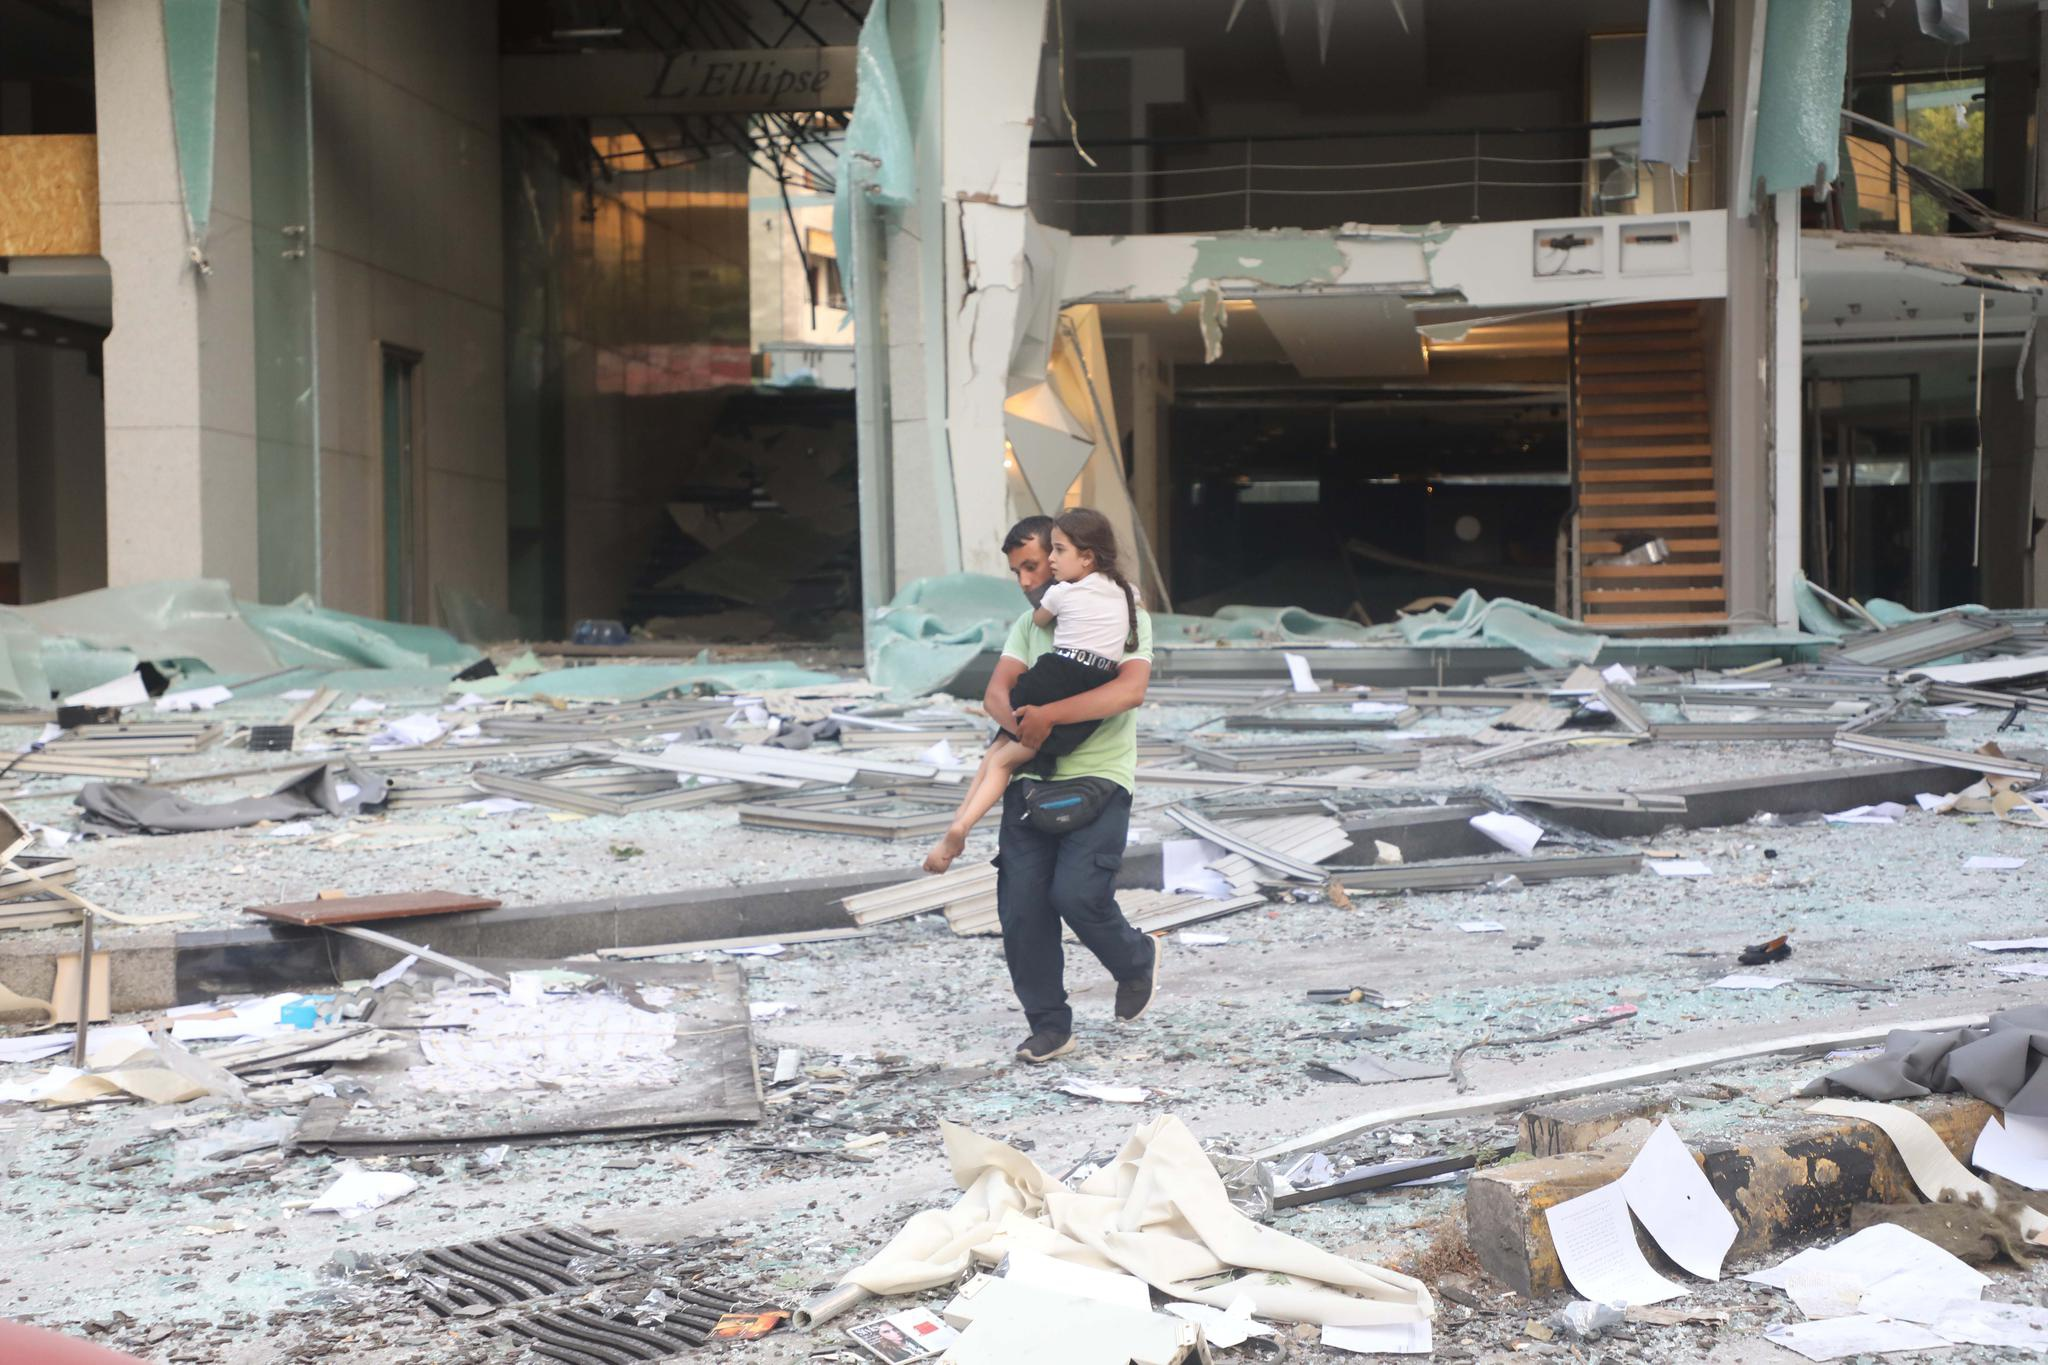 黎巴嫩首都大爆炸造成30万人无家可归,占首都人口20%!